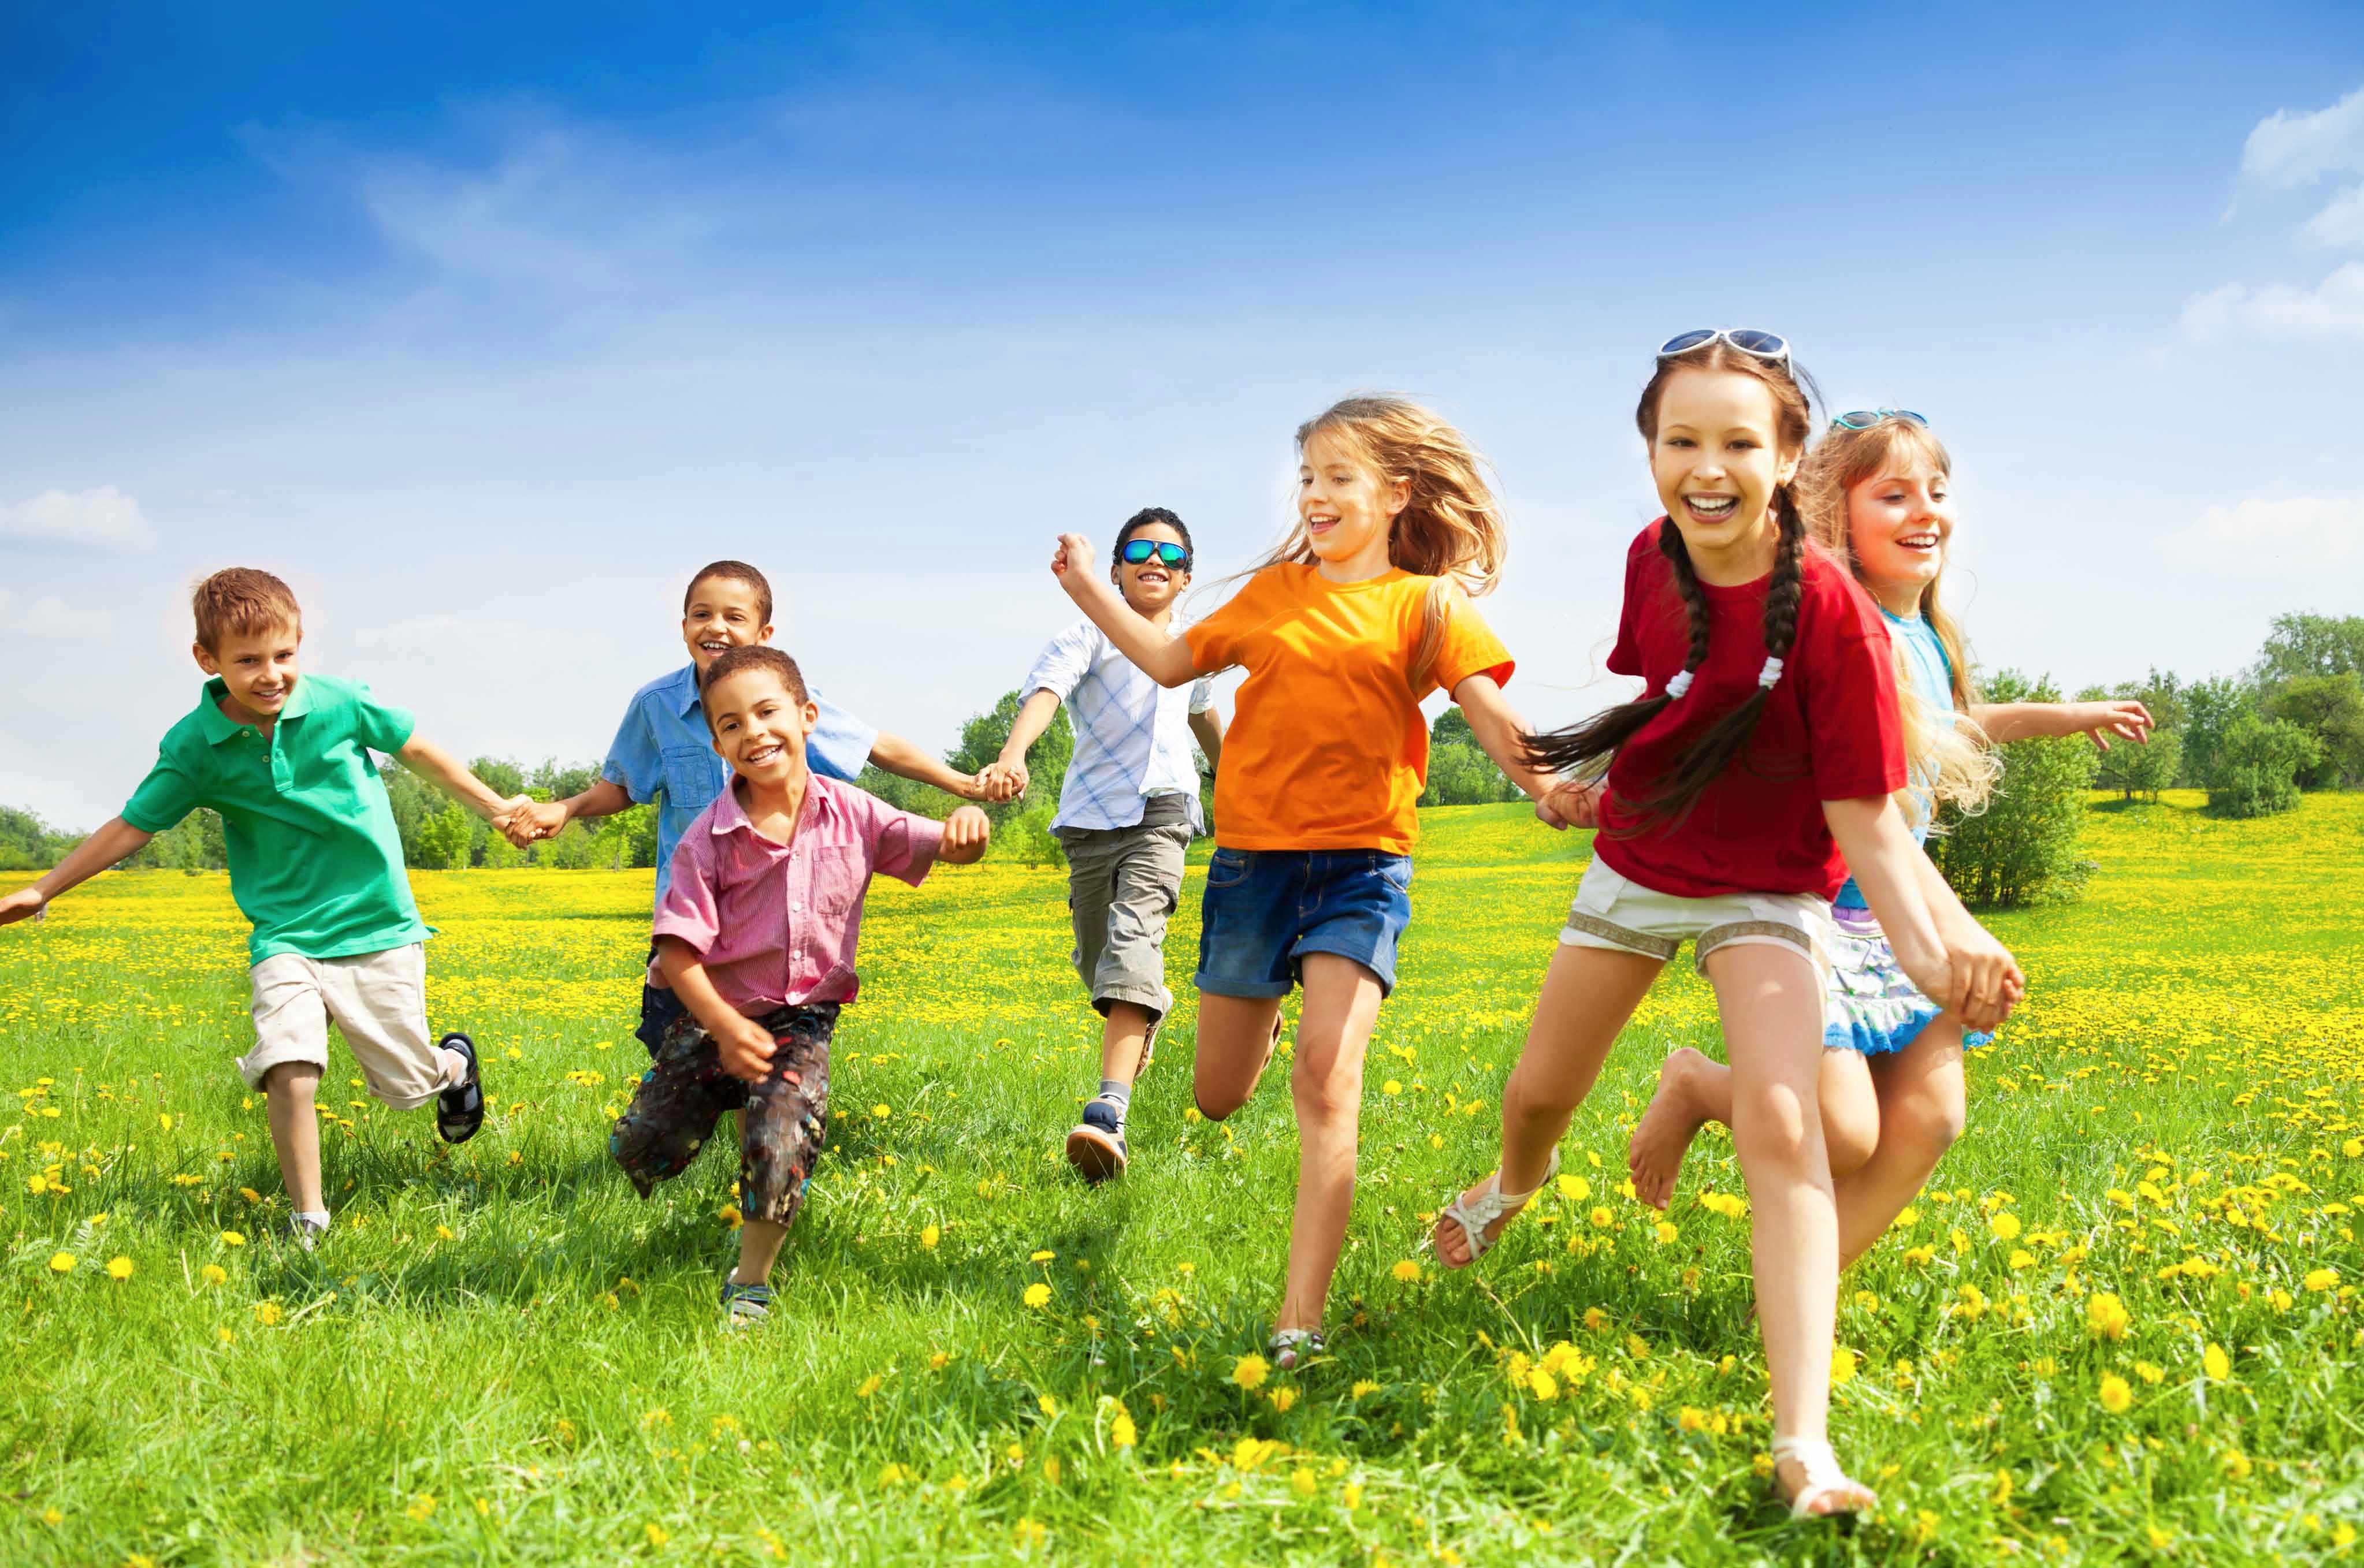 Кружки, игры и спорт: чем занять детей на летние каникулы